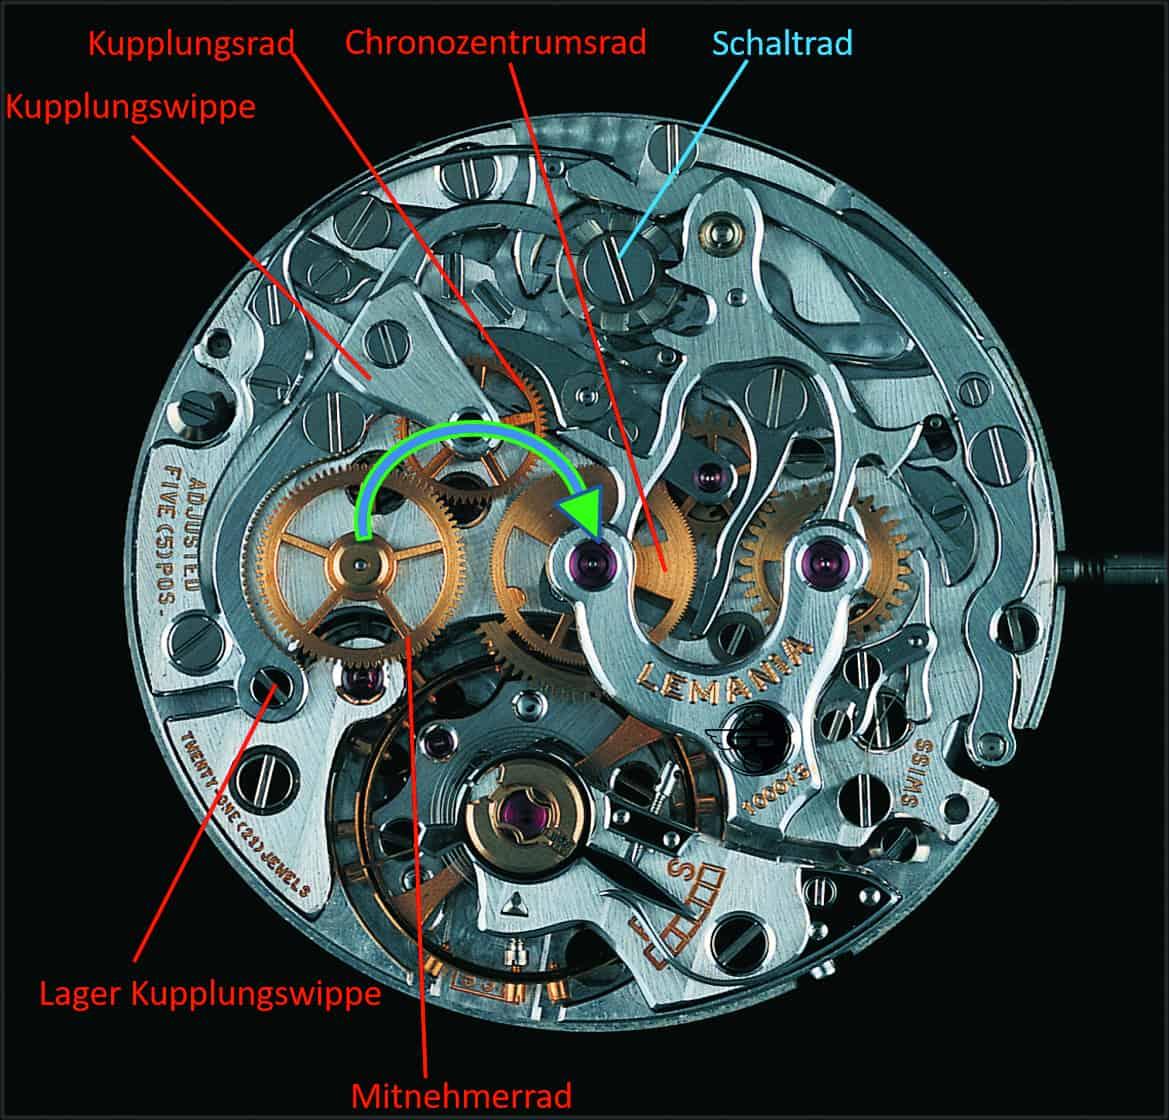 Funktionsprinzip der horizontalen Räderkupplung eines mechanischen Chronographen